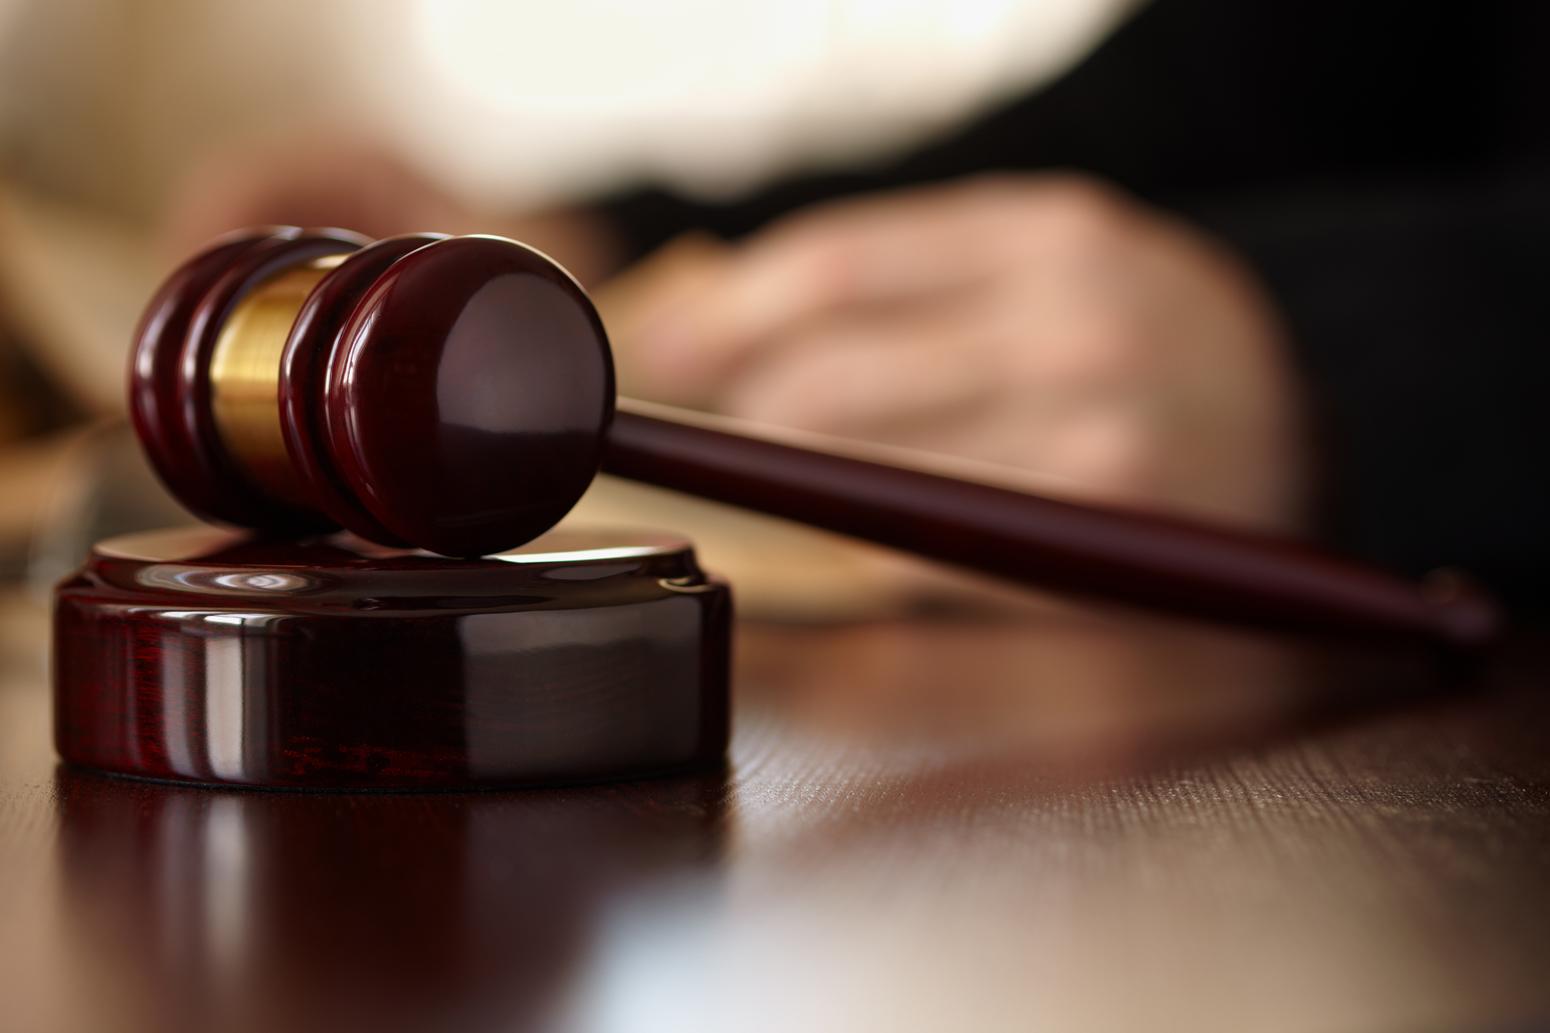 Equitalia condannata a risarcire il danno esistenziale